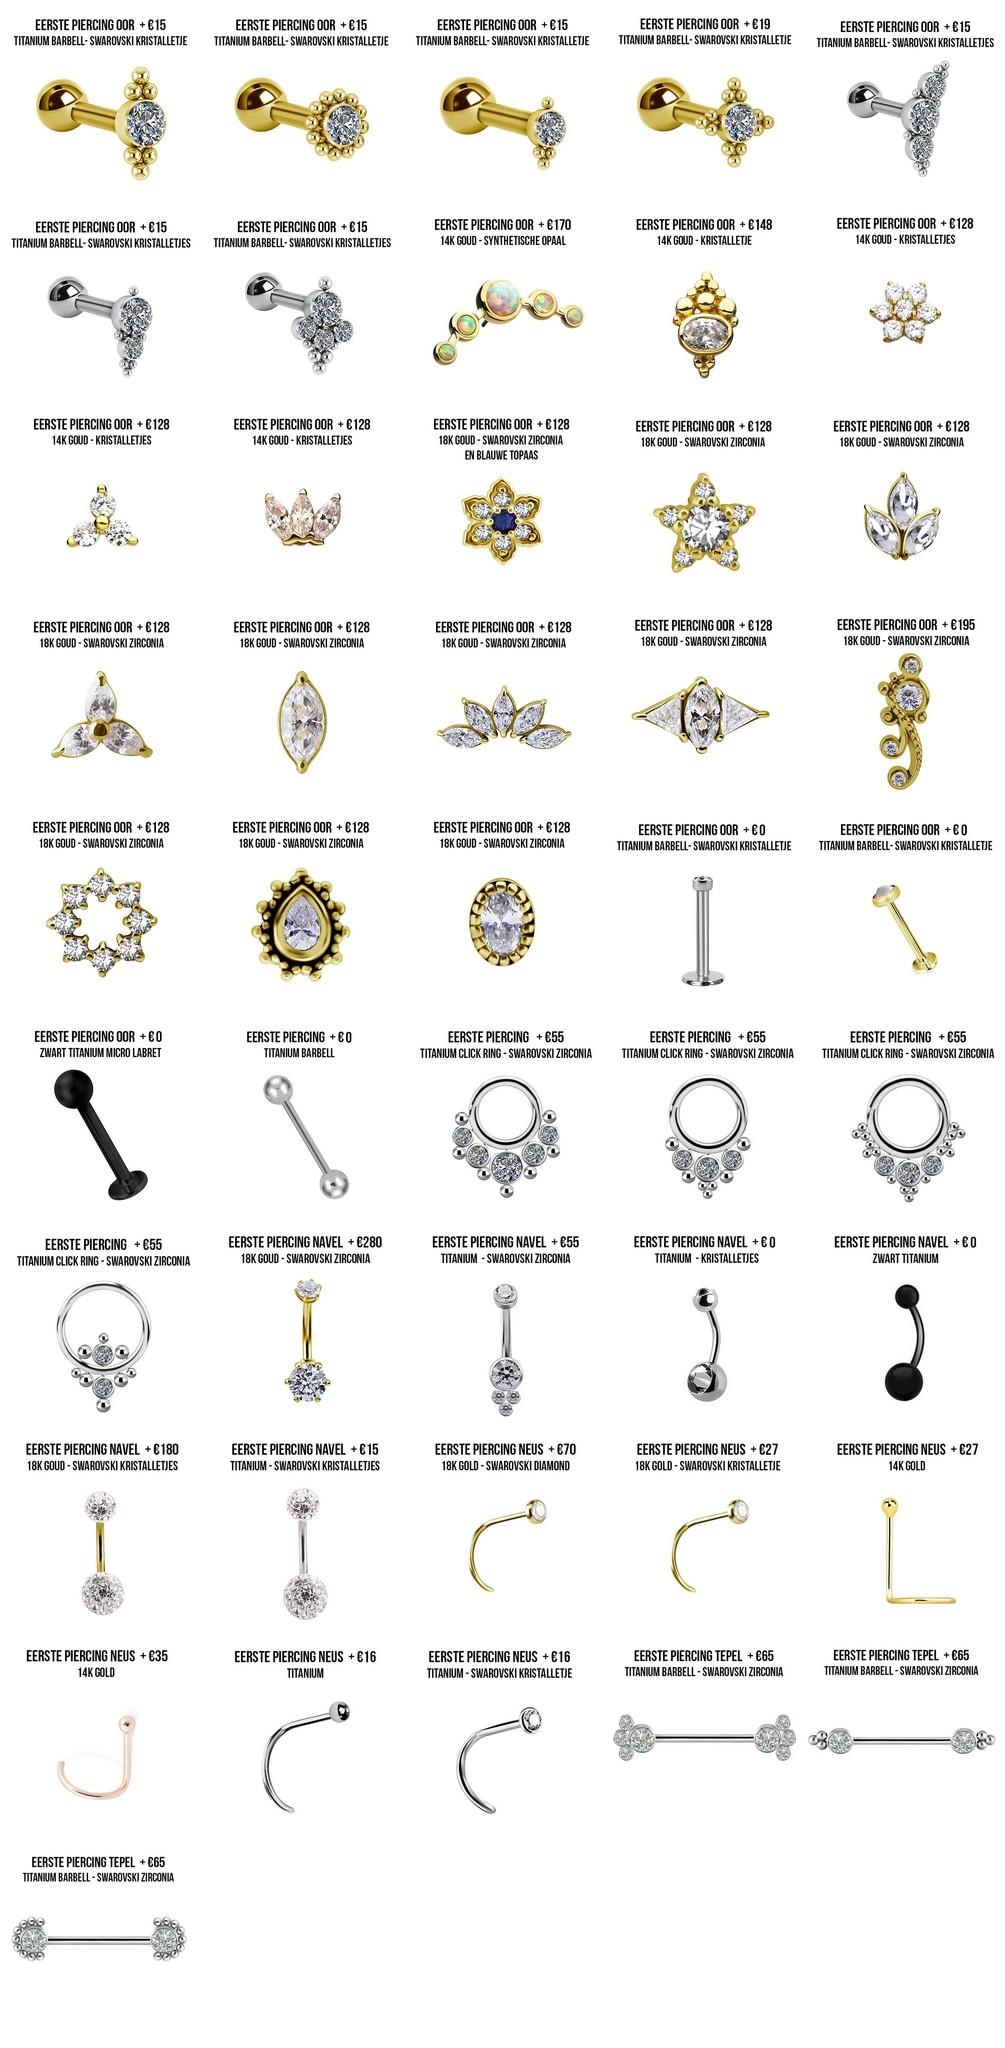 galerie first piercings